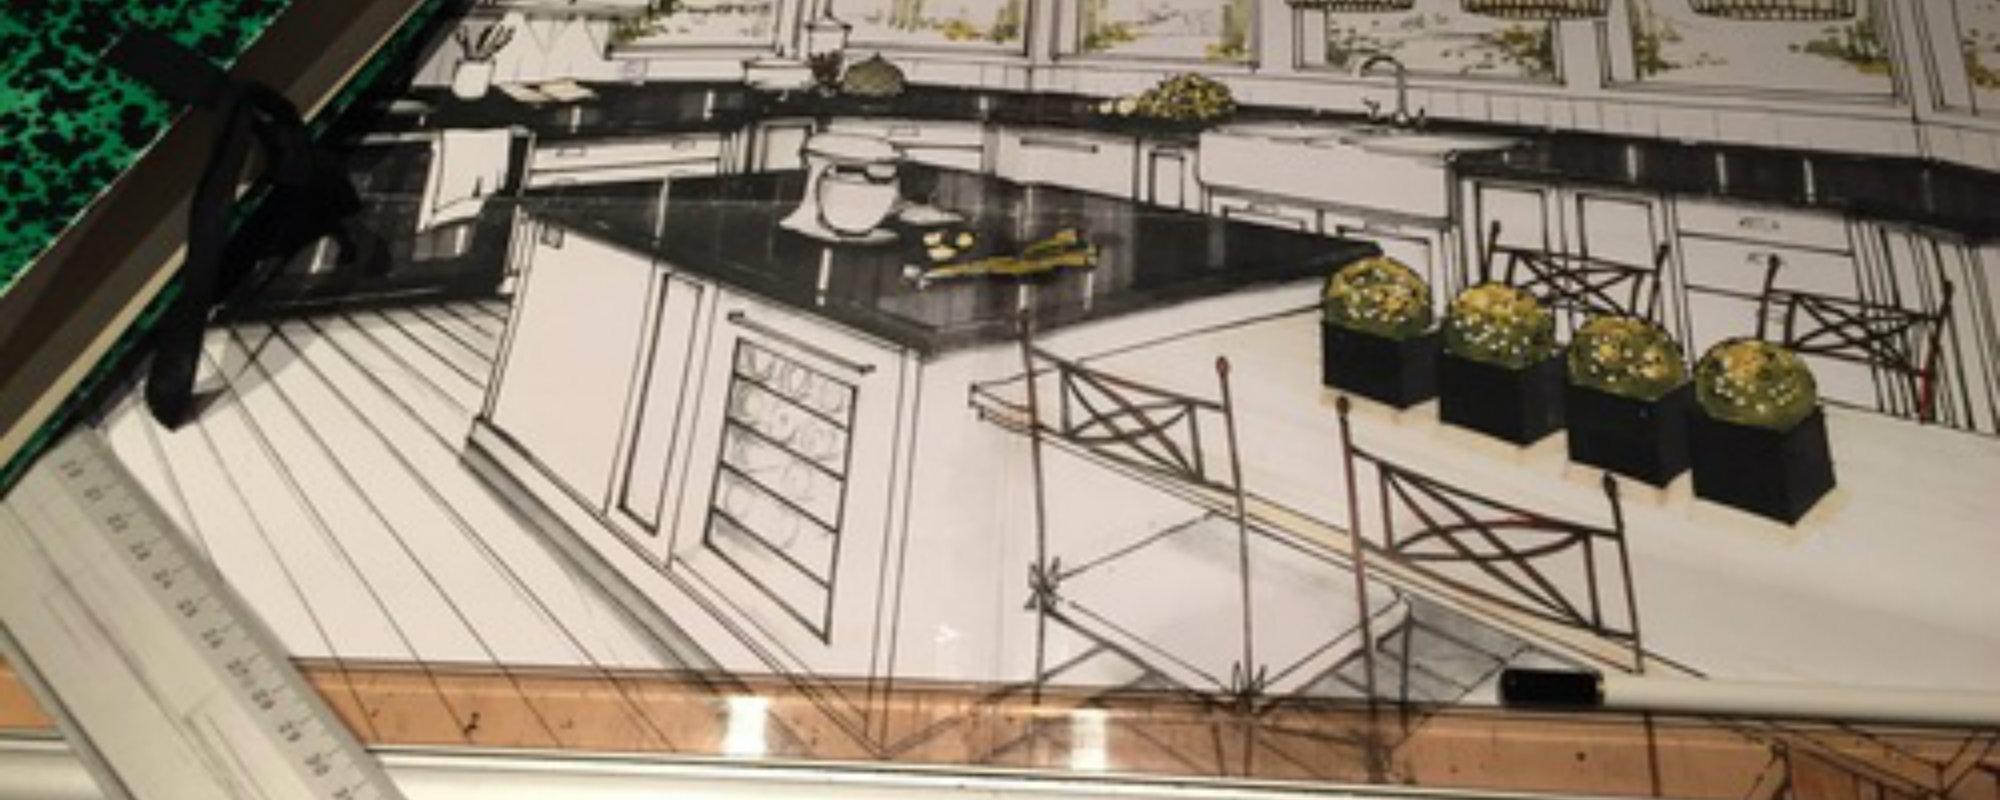 Interiorismo de lujo: Delcroix Decoration una firma para proyectos de lujo interiorismo de lujo Interiorismo de lujo: Delcroix Decoration una firma para proyectos de lujo Featured 10